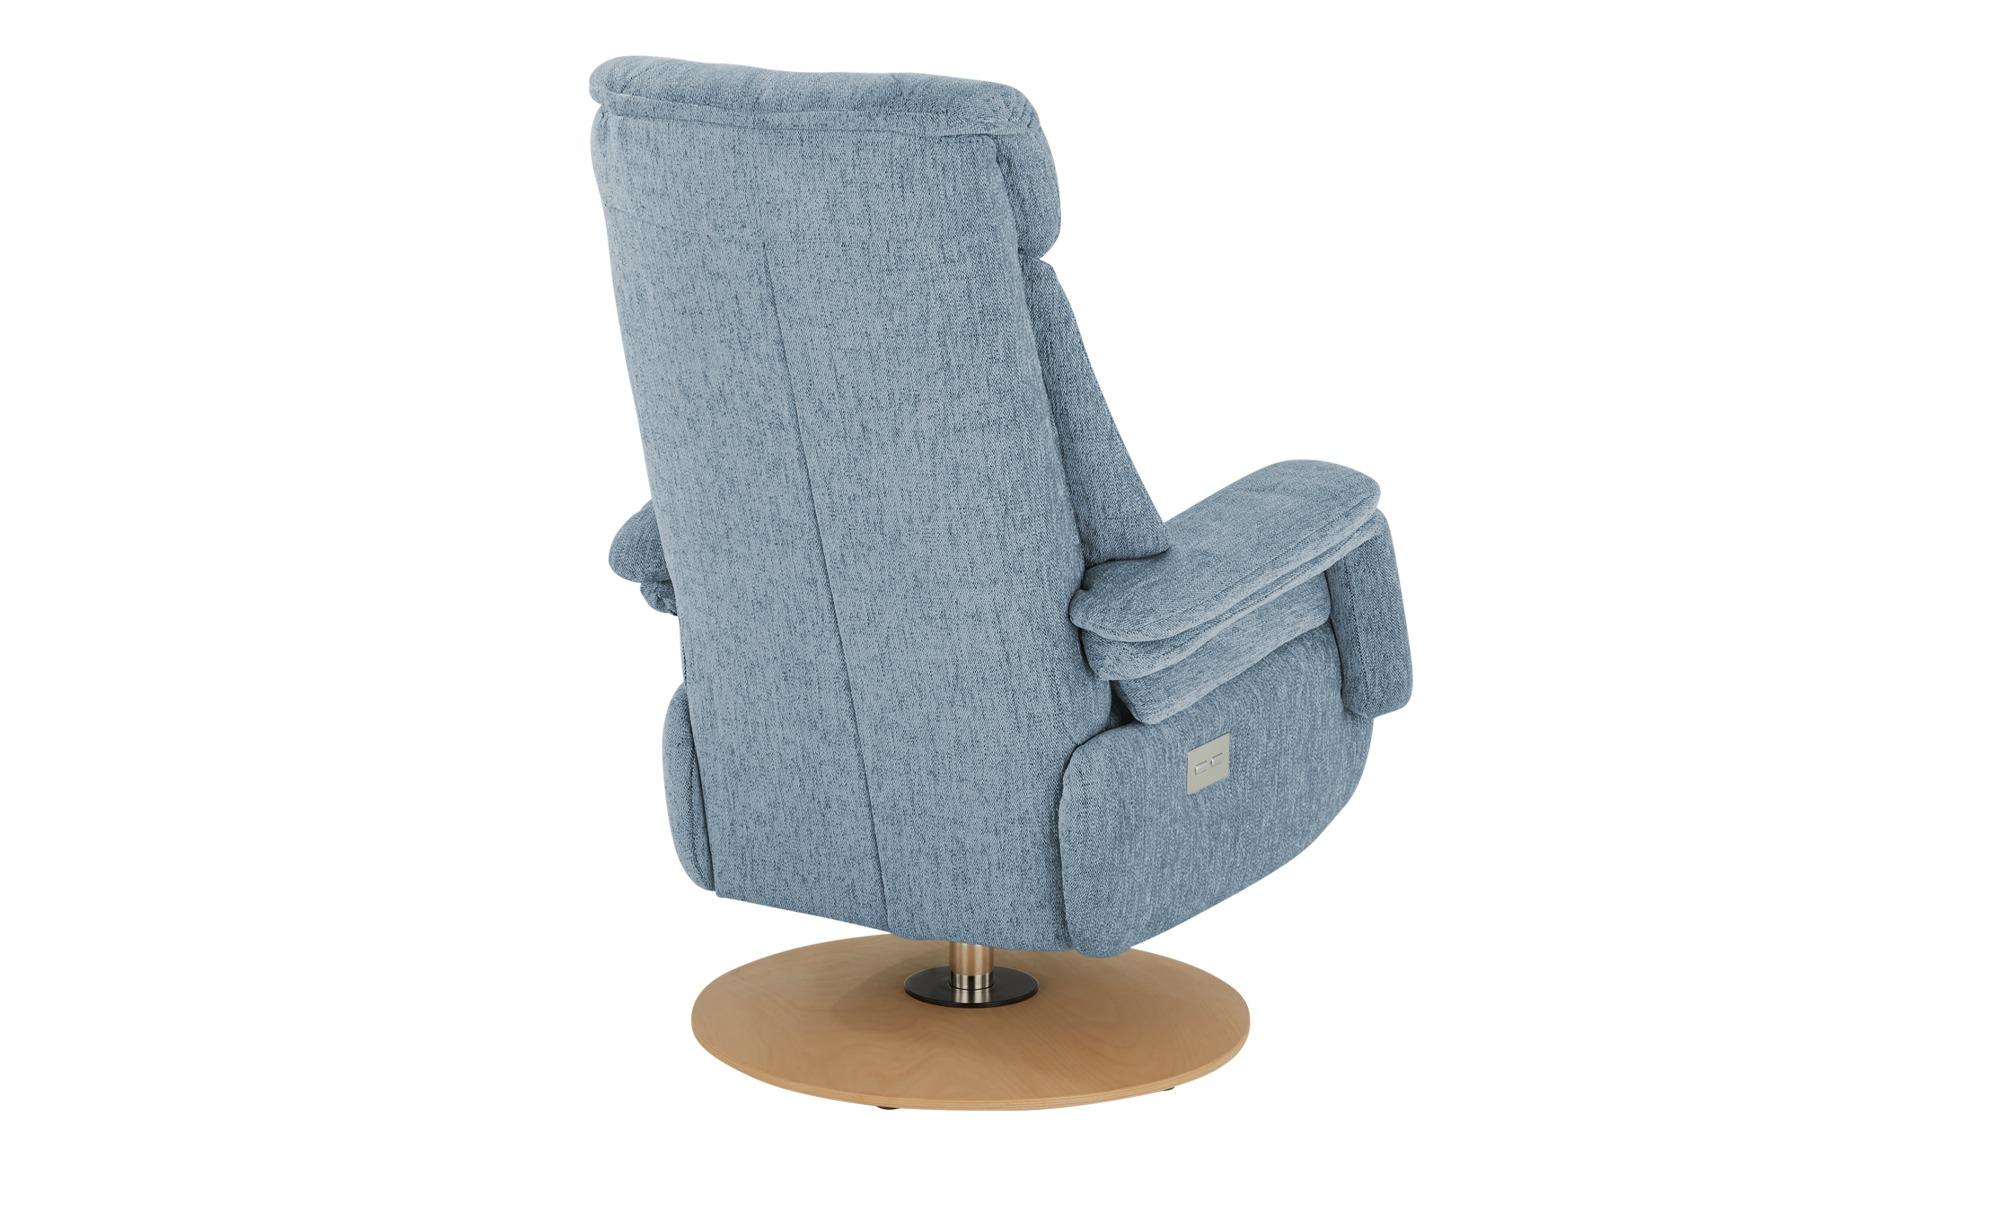 Polstermöbel Oelsa TV-Sessel  Blues ¦ blau ¦ Maße (cm): B: 82 H: 112 T: 90 Polstermöbel > Sessel > Polstersessel - Höffner